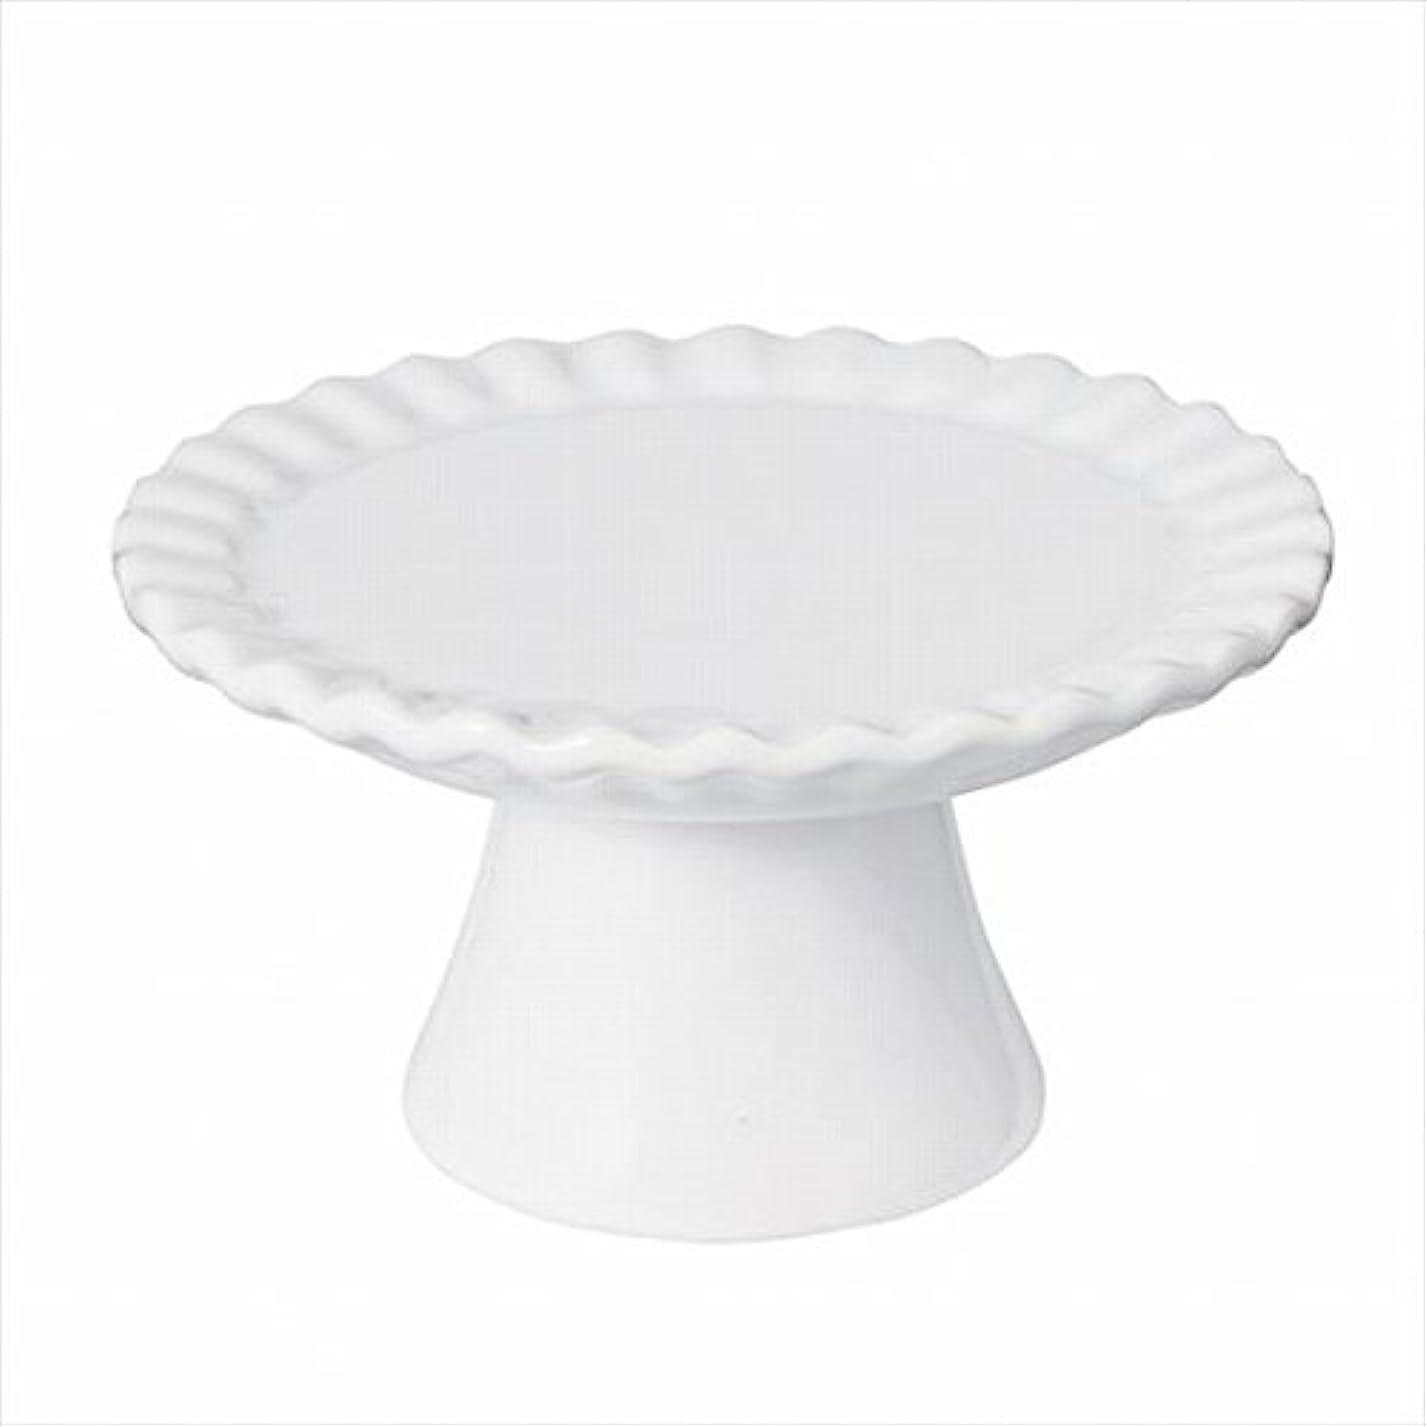 ブレイズ溶ける該当するスイーツキャンドル( sweets candle ) ドルチェコンポート 「 ホワイト 」